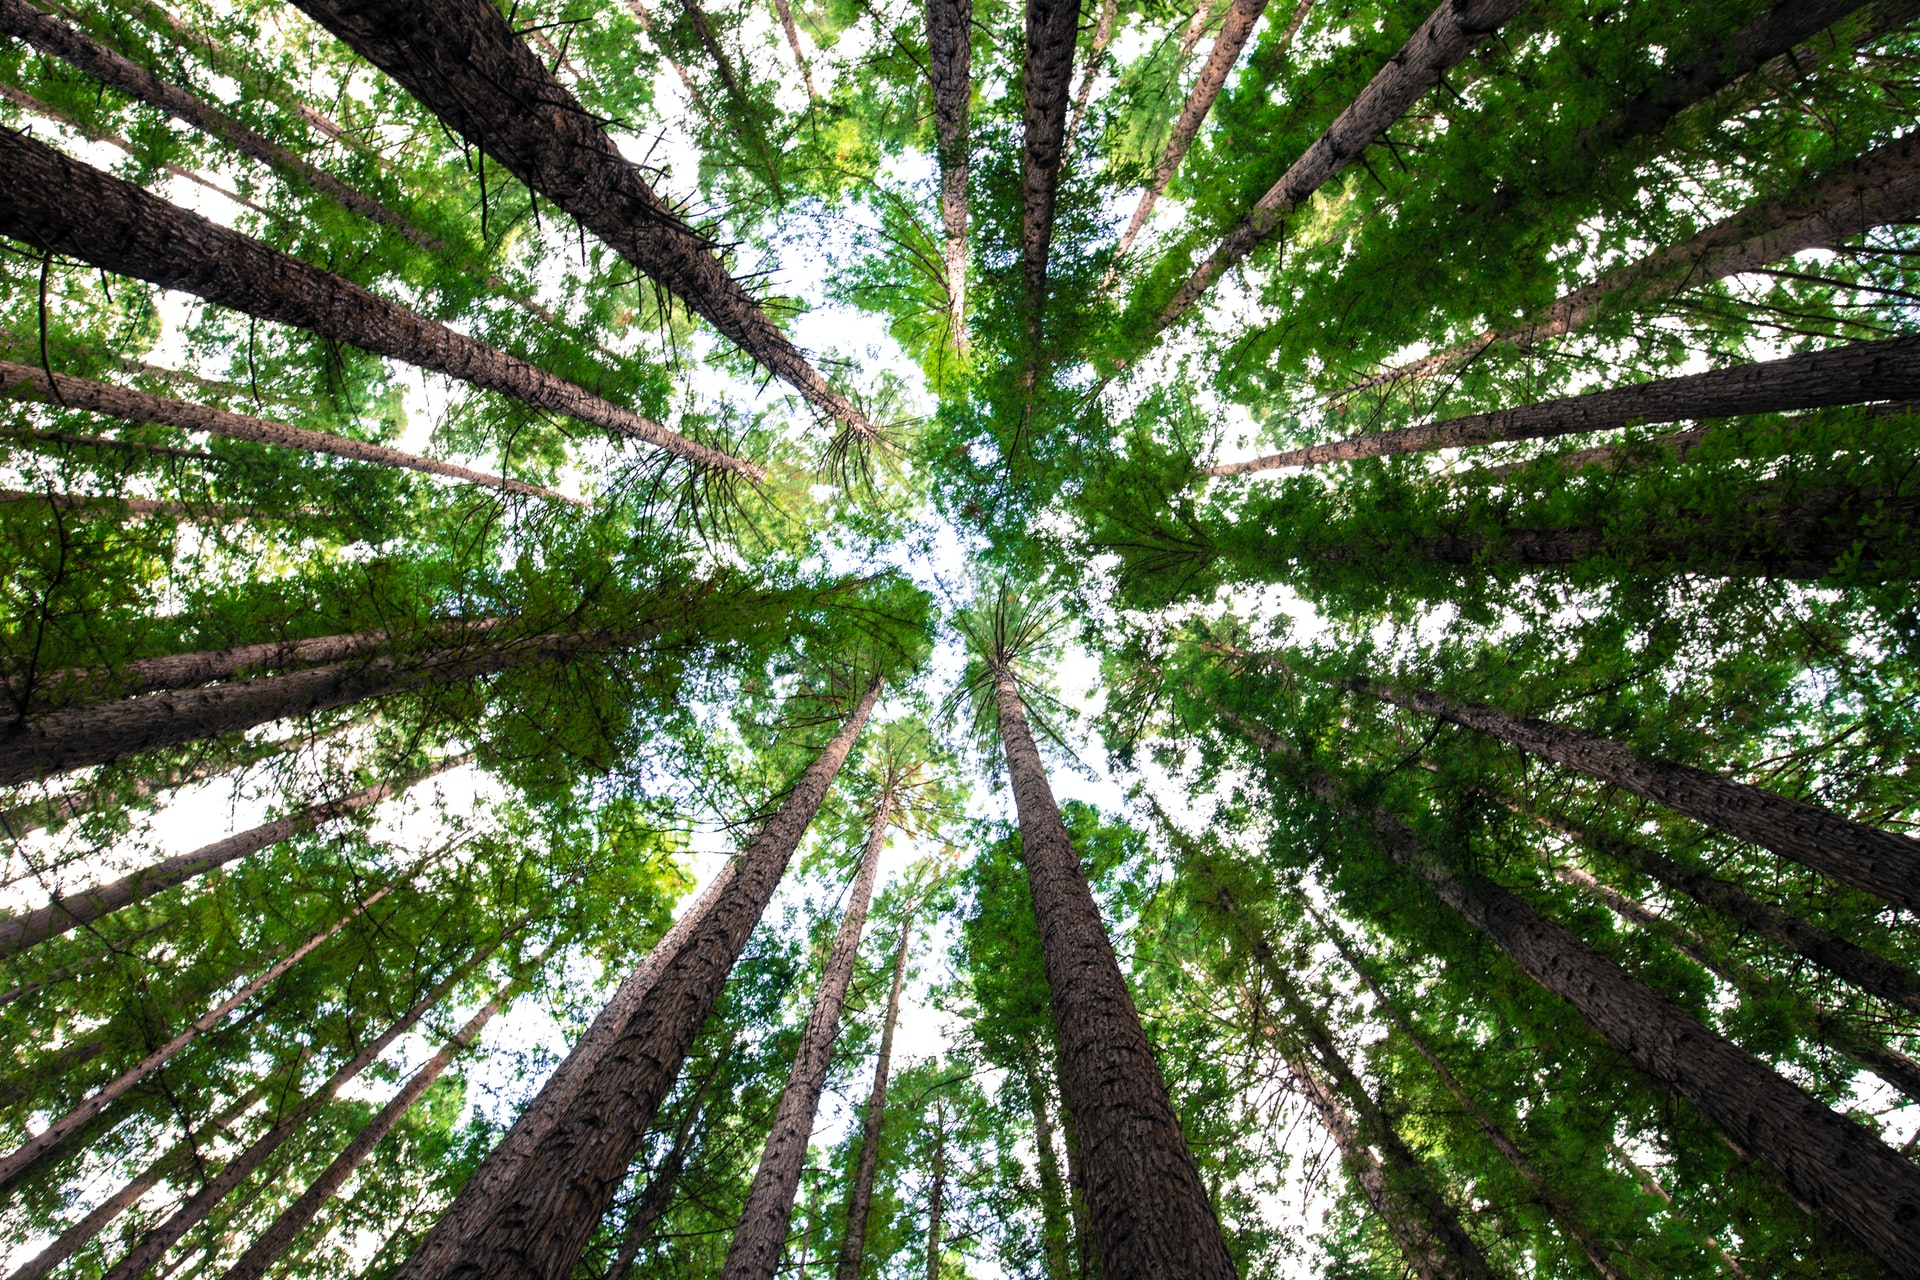 Mimpe s'engage à planter des arbres